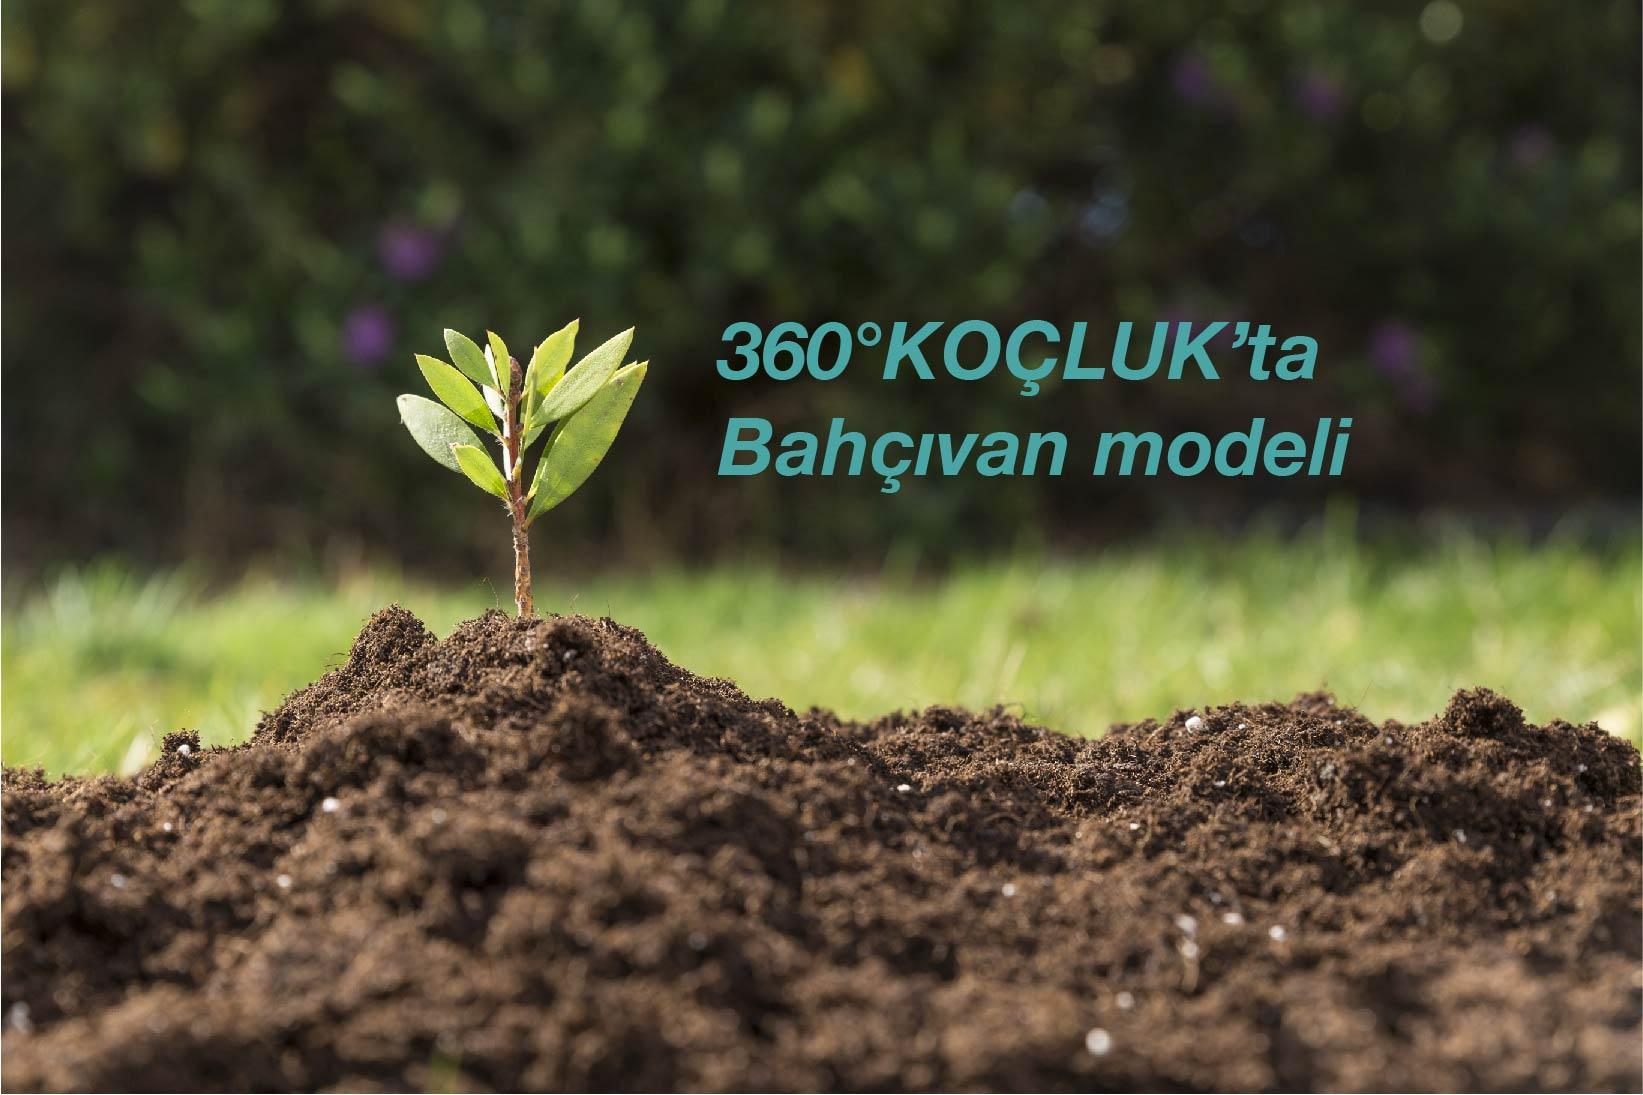 360°KOÇLUK'TA BAHÇIVAN MODELİ